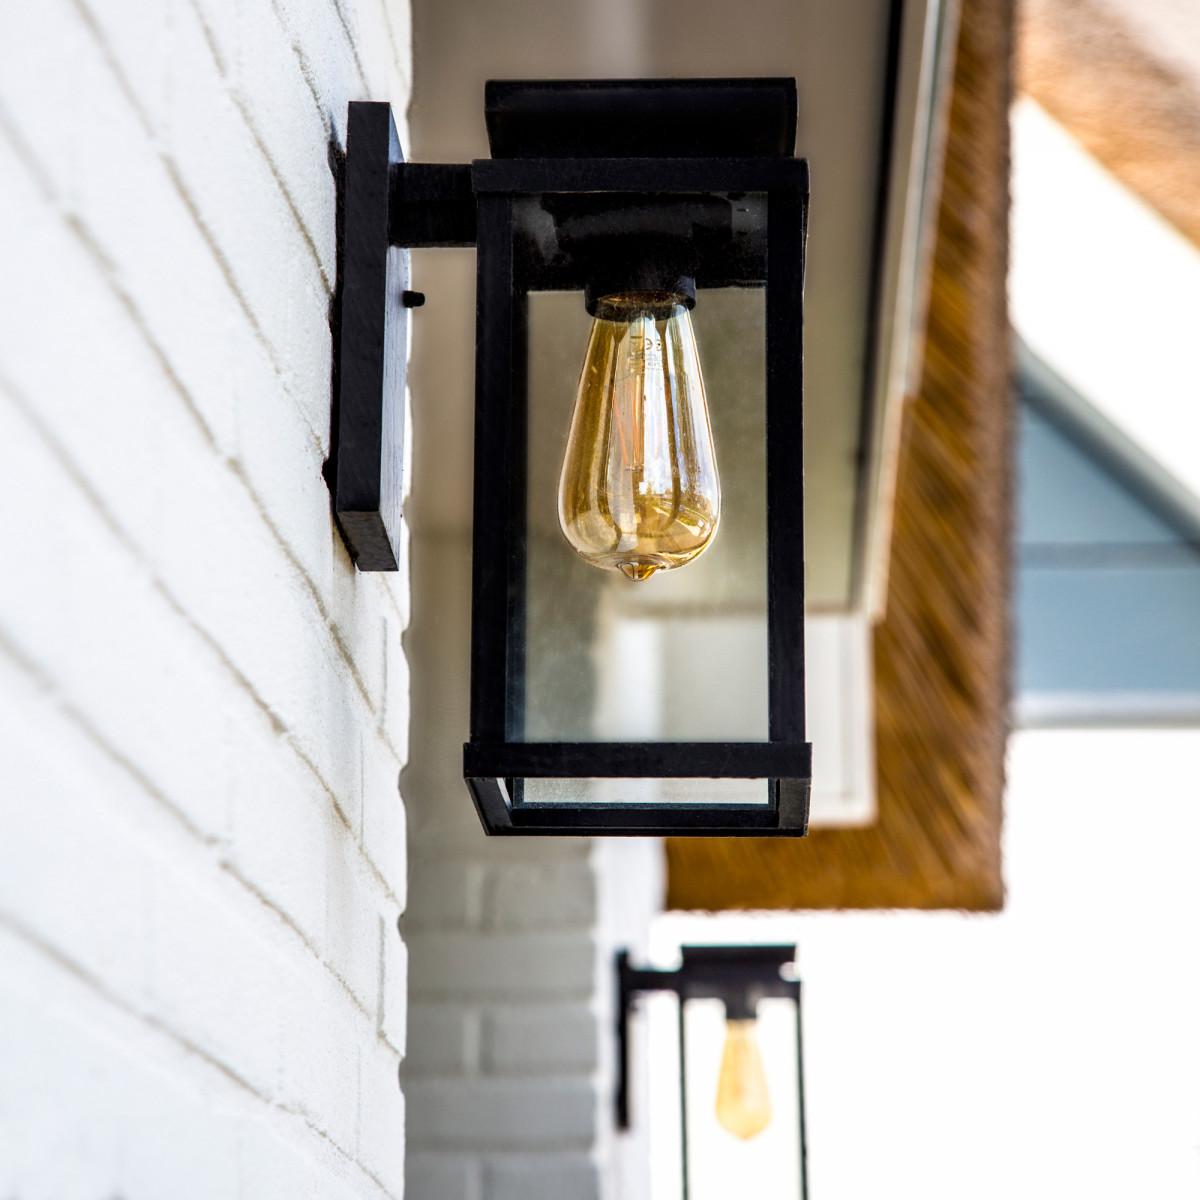 buitenverlichting Jersey L wandlamp, strak klassieke muurlamp, functionele en sfeervolle buitenverlichting, buitenlampen van KS Verlichting, de perfecte gevelverlichting, KS kwaliteitsverlichting